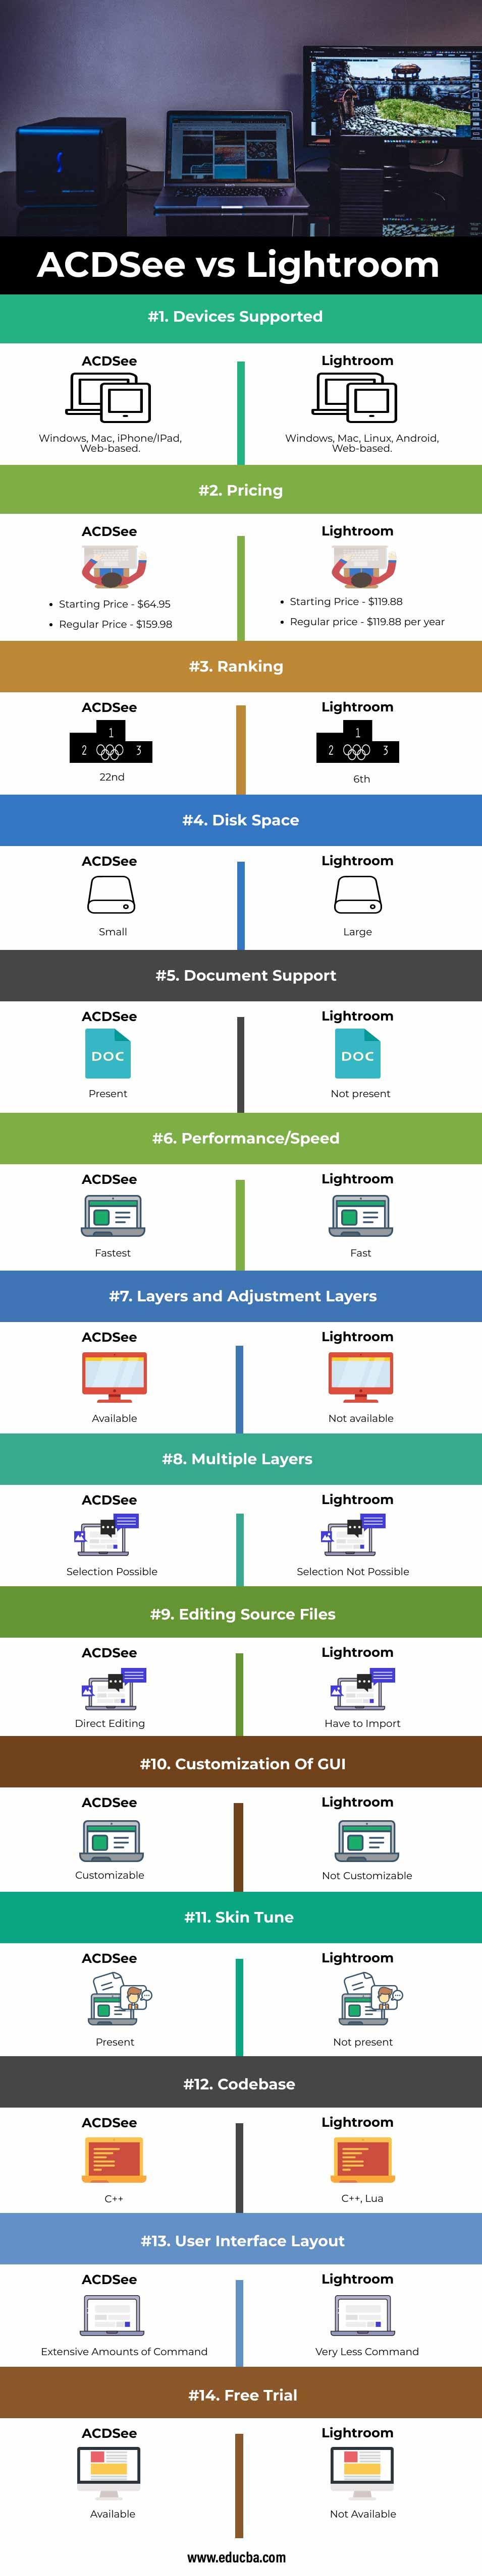 ACDSee vs Lightroom Info